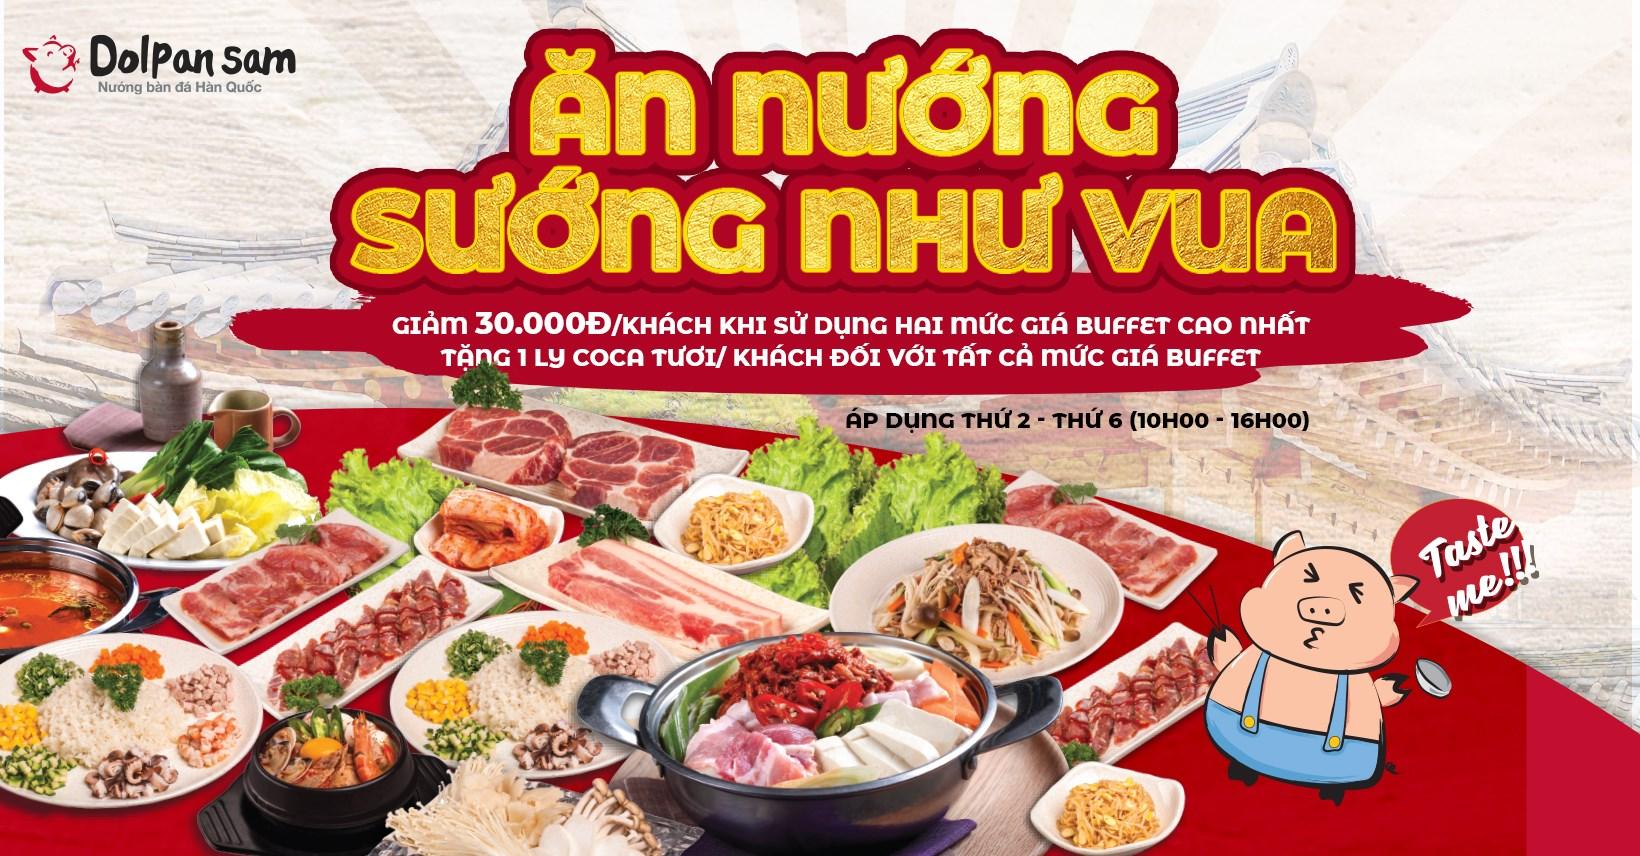 Khuyến mãi ăn uống tuần này (5/4-11/4): ThaiExpress giảm 20%, Bobapop ưu đãi bốc thăm trúng thưởng   - Ảnh 1.